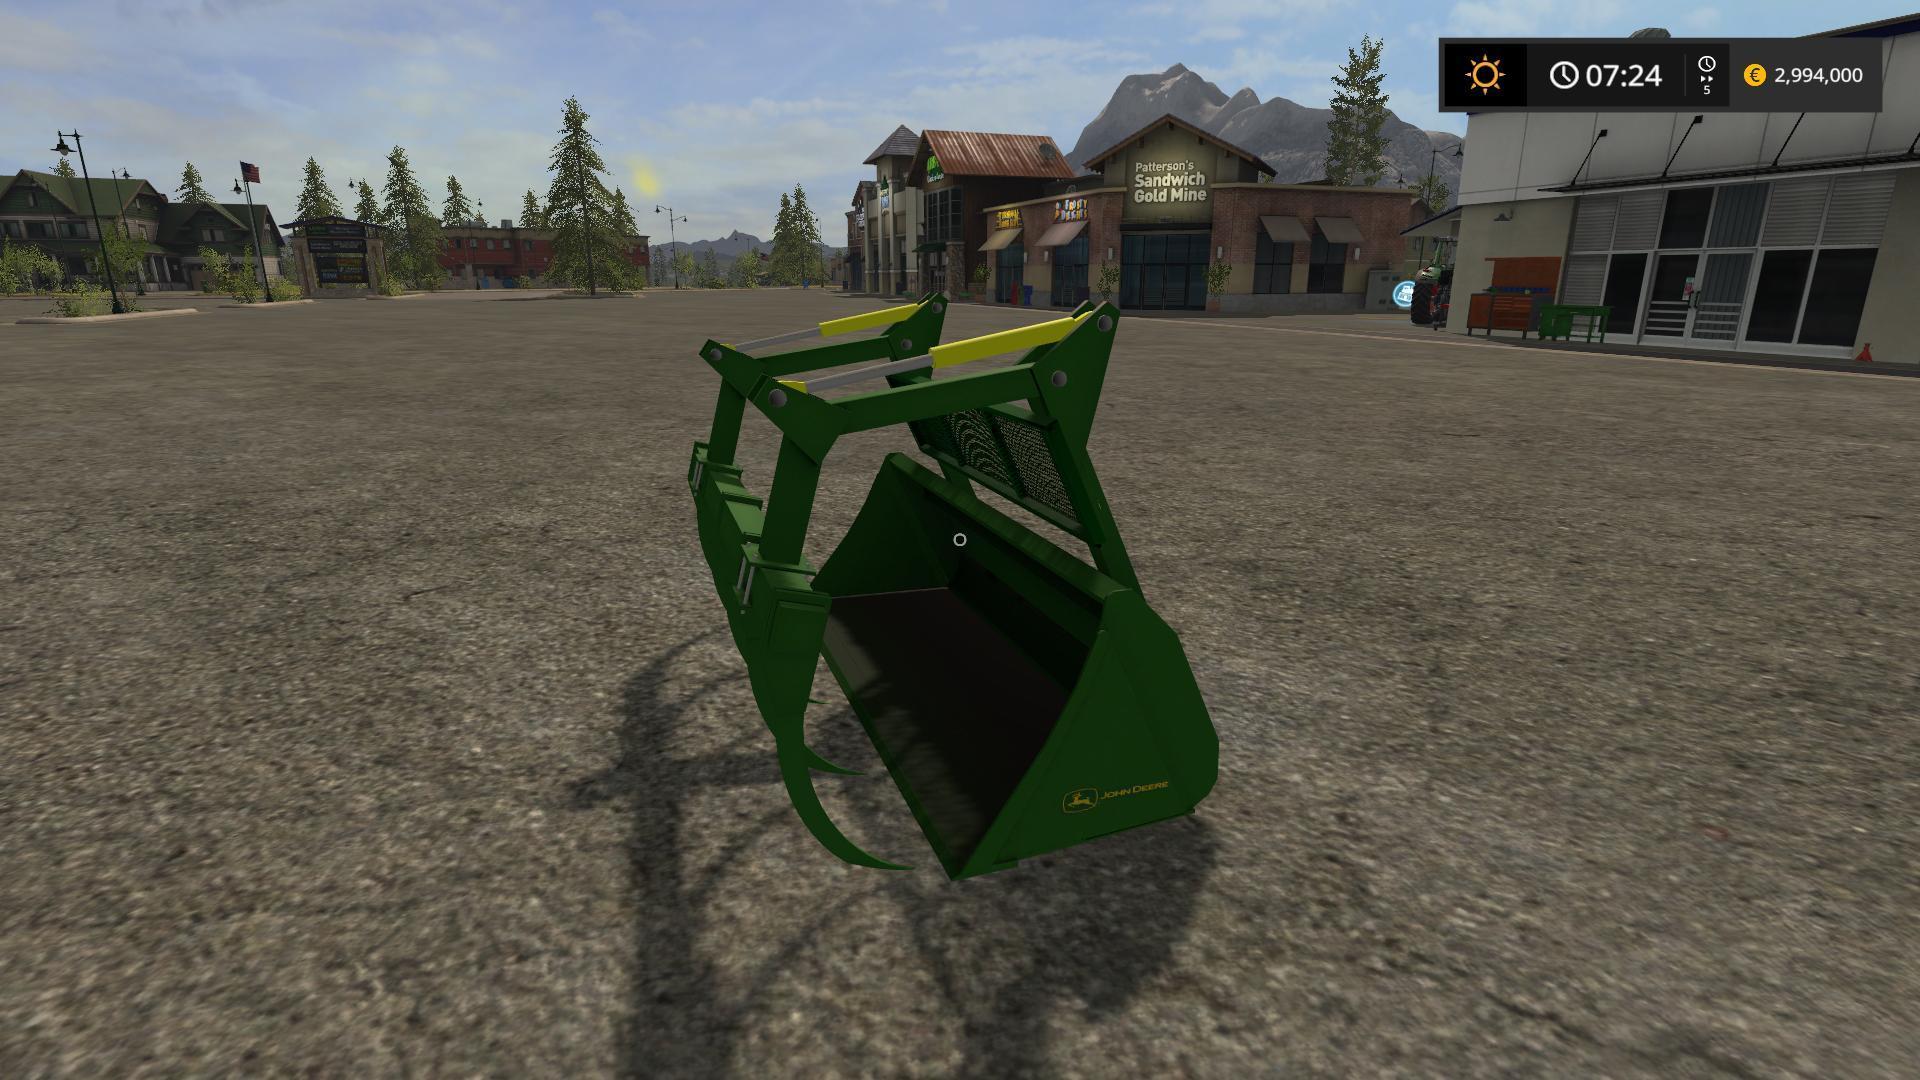 FS17 JOHN DEERE GRAPLE BUCKET V1.0 - Farming Simulator 17 ...